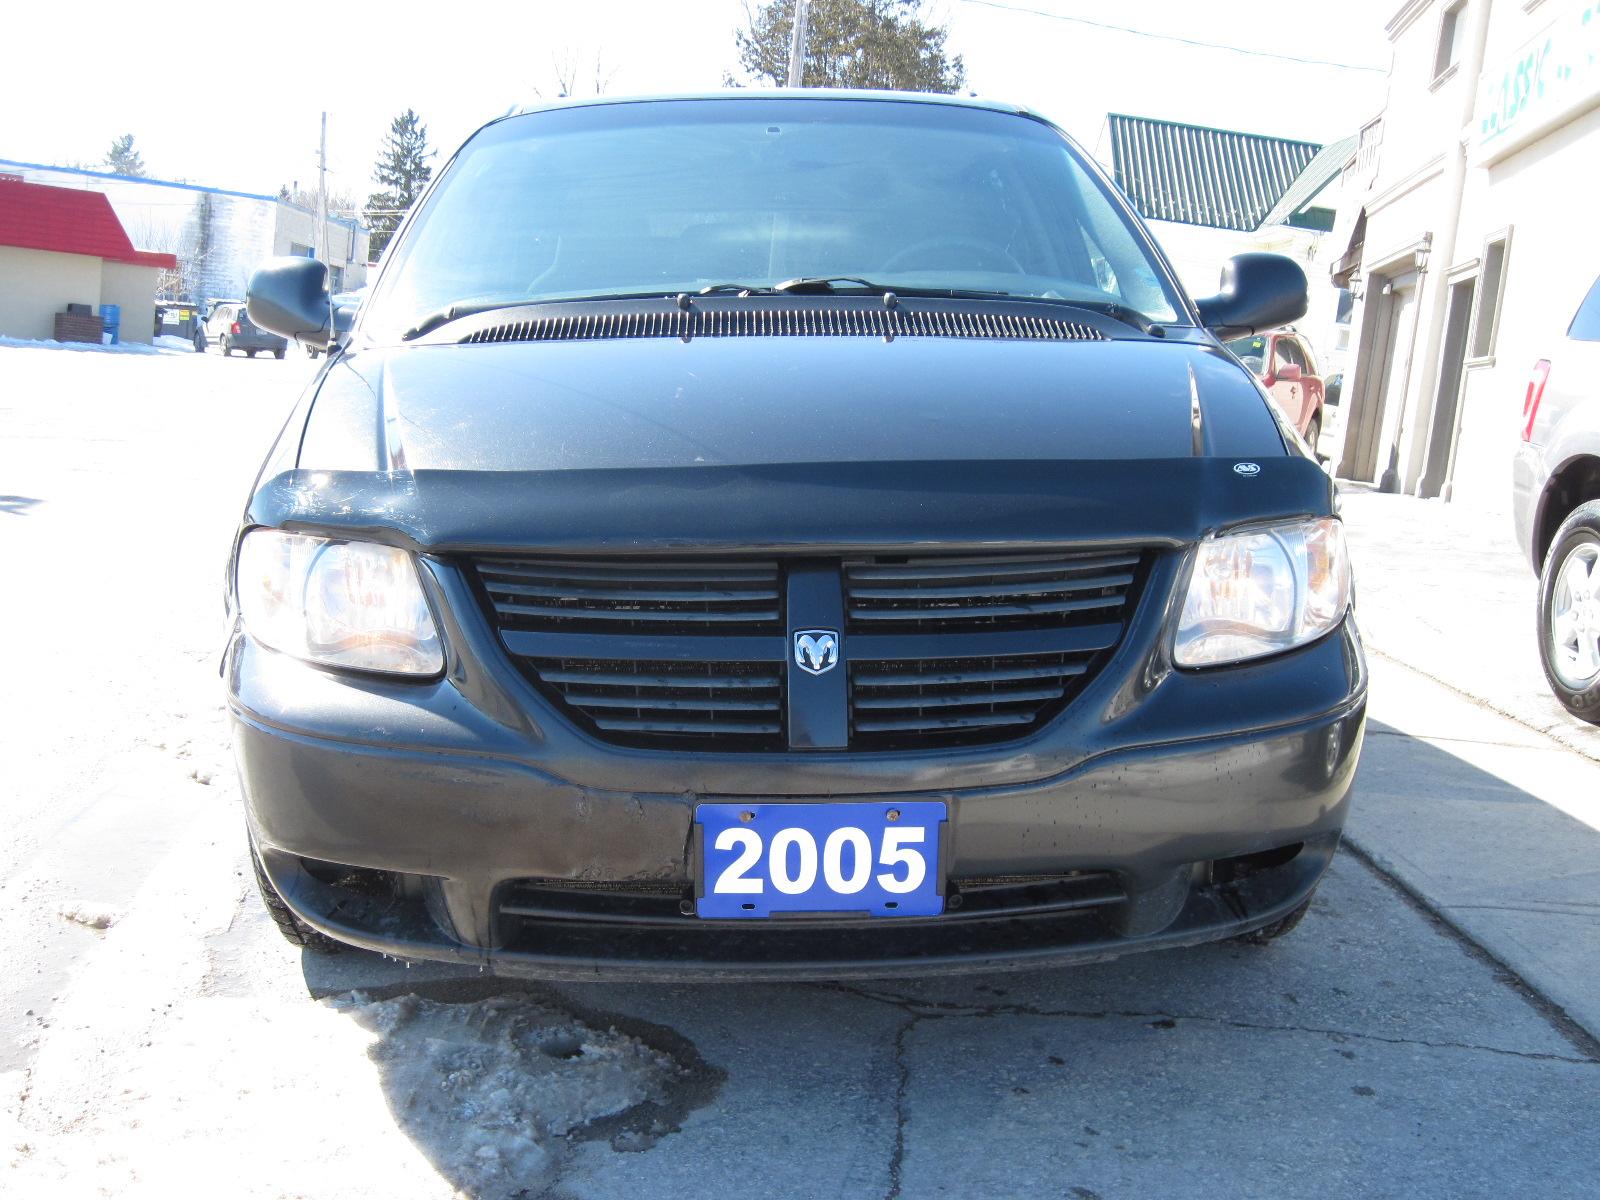 Used 2005 Dodge Caravan in Orillia,ON